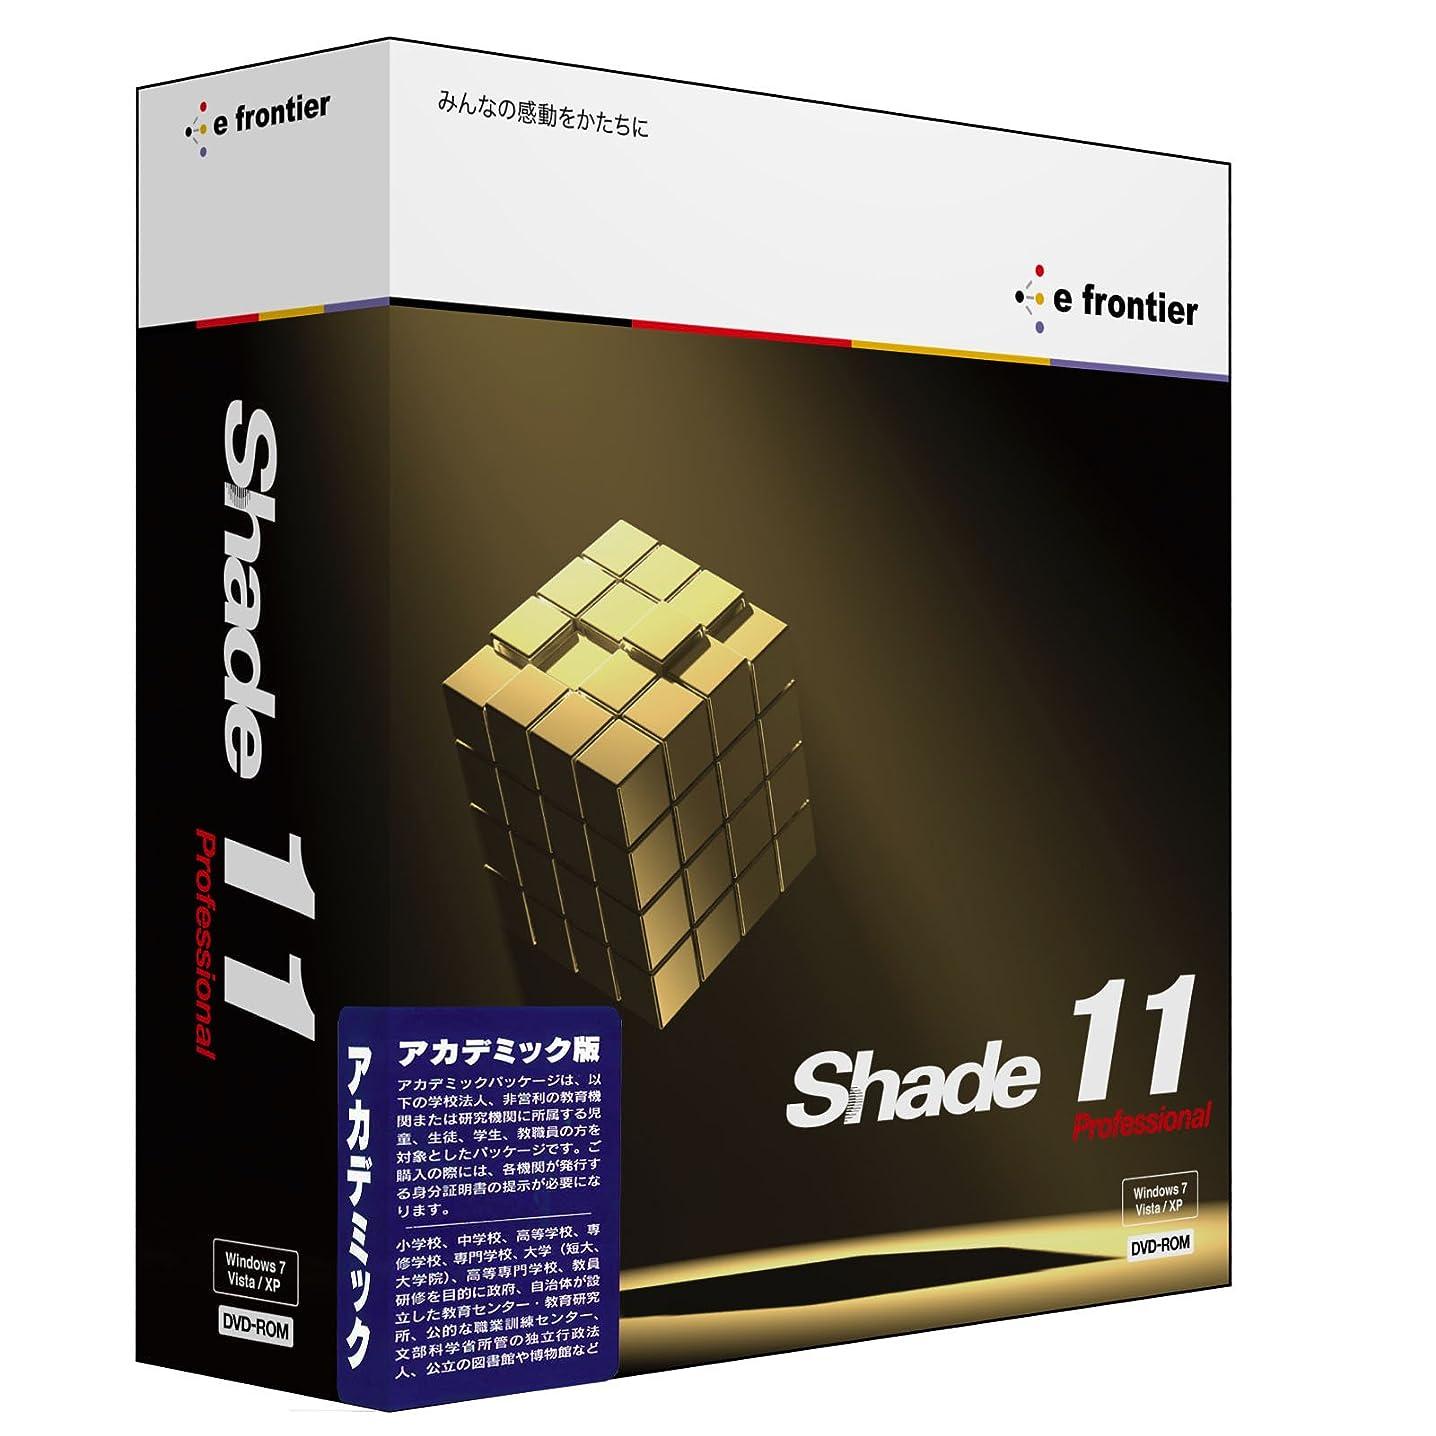 にんじんほとんどない有効Shade 11 Professional for Windows アカデミック